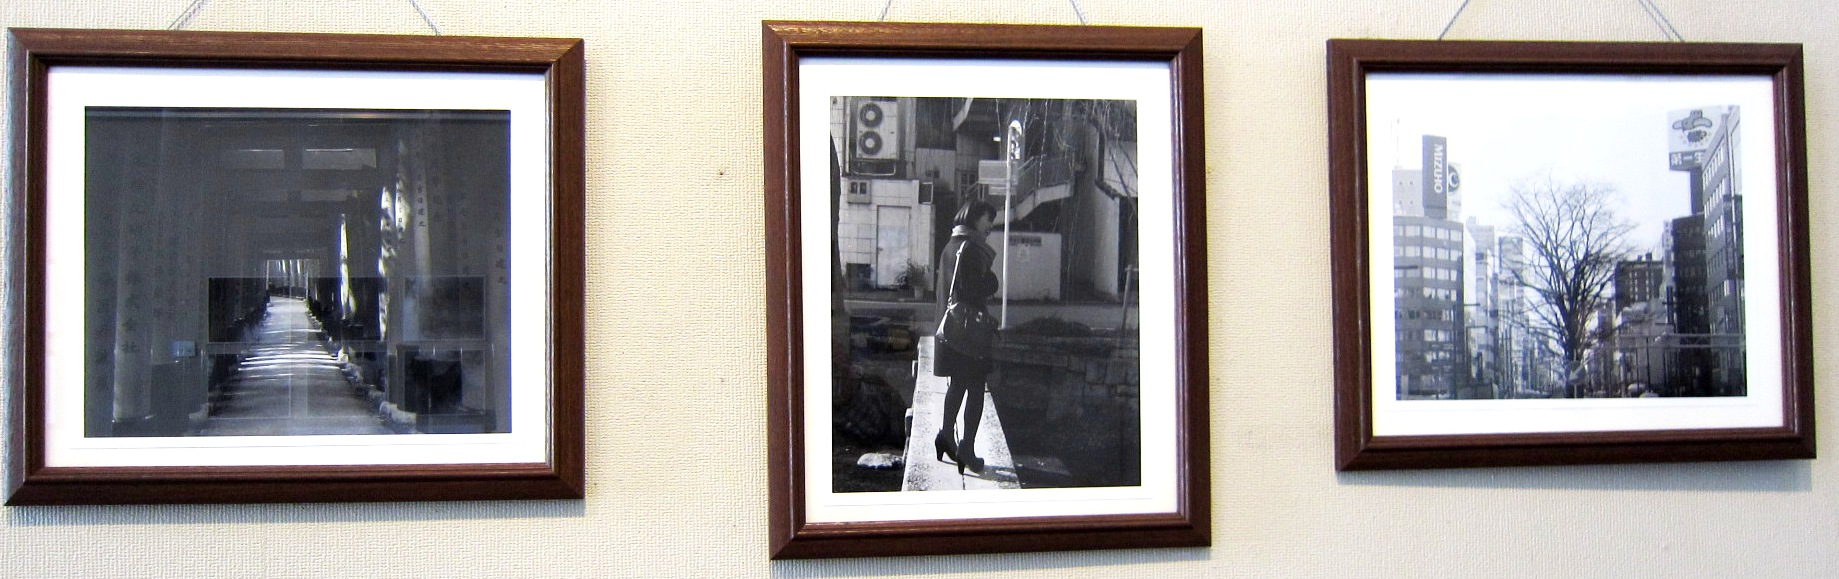 2372) 「小樽商科大学 写真部 三月展」 資料館 終了/3月11日(火)~3月16日(日)_f0126829_2146451.jpg